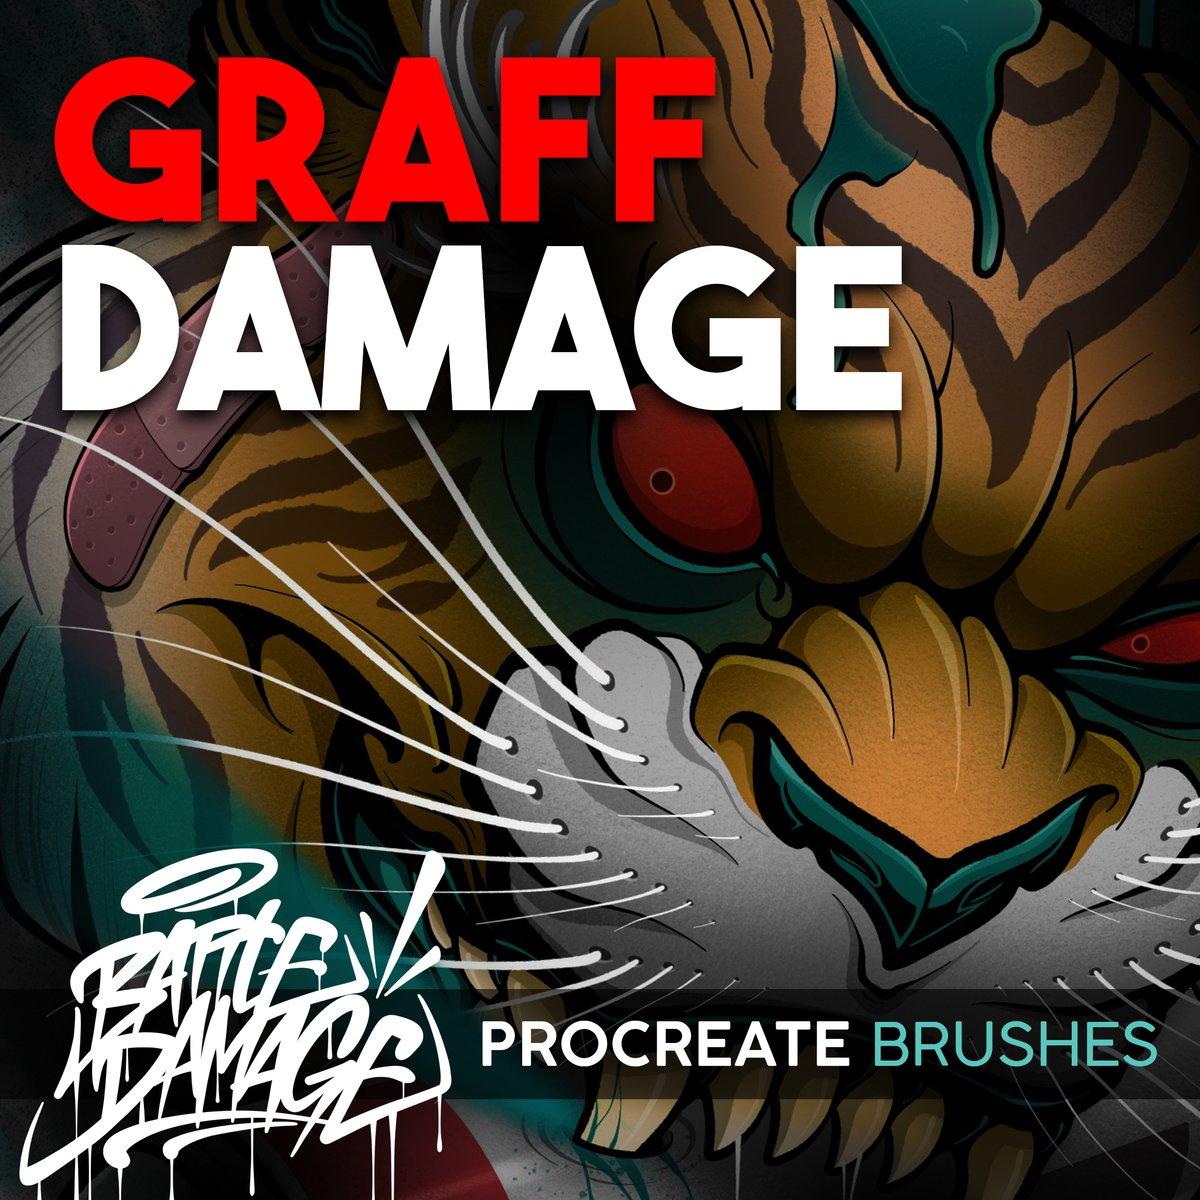 Image of Graff Damage Procreate Brush Set